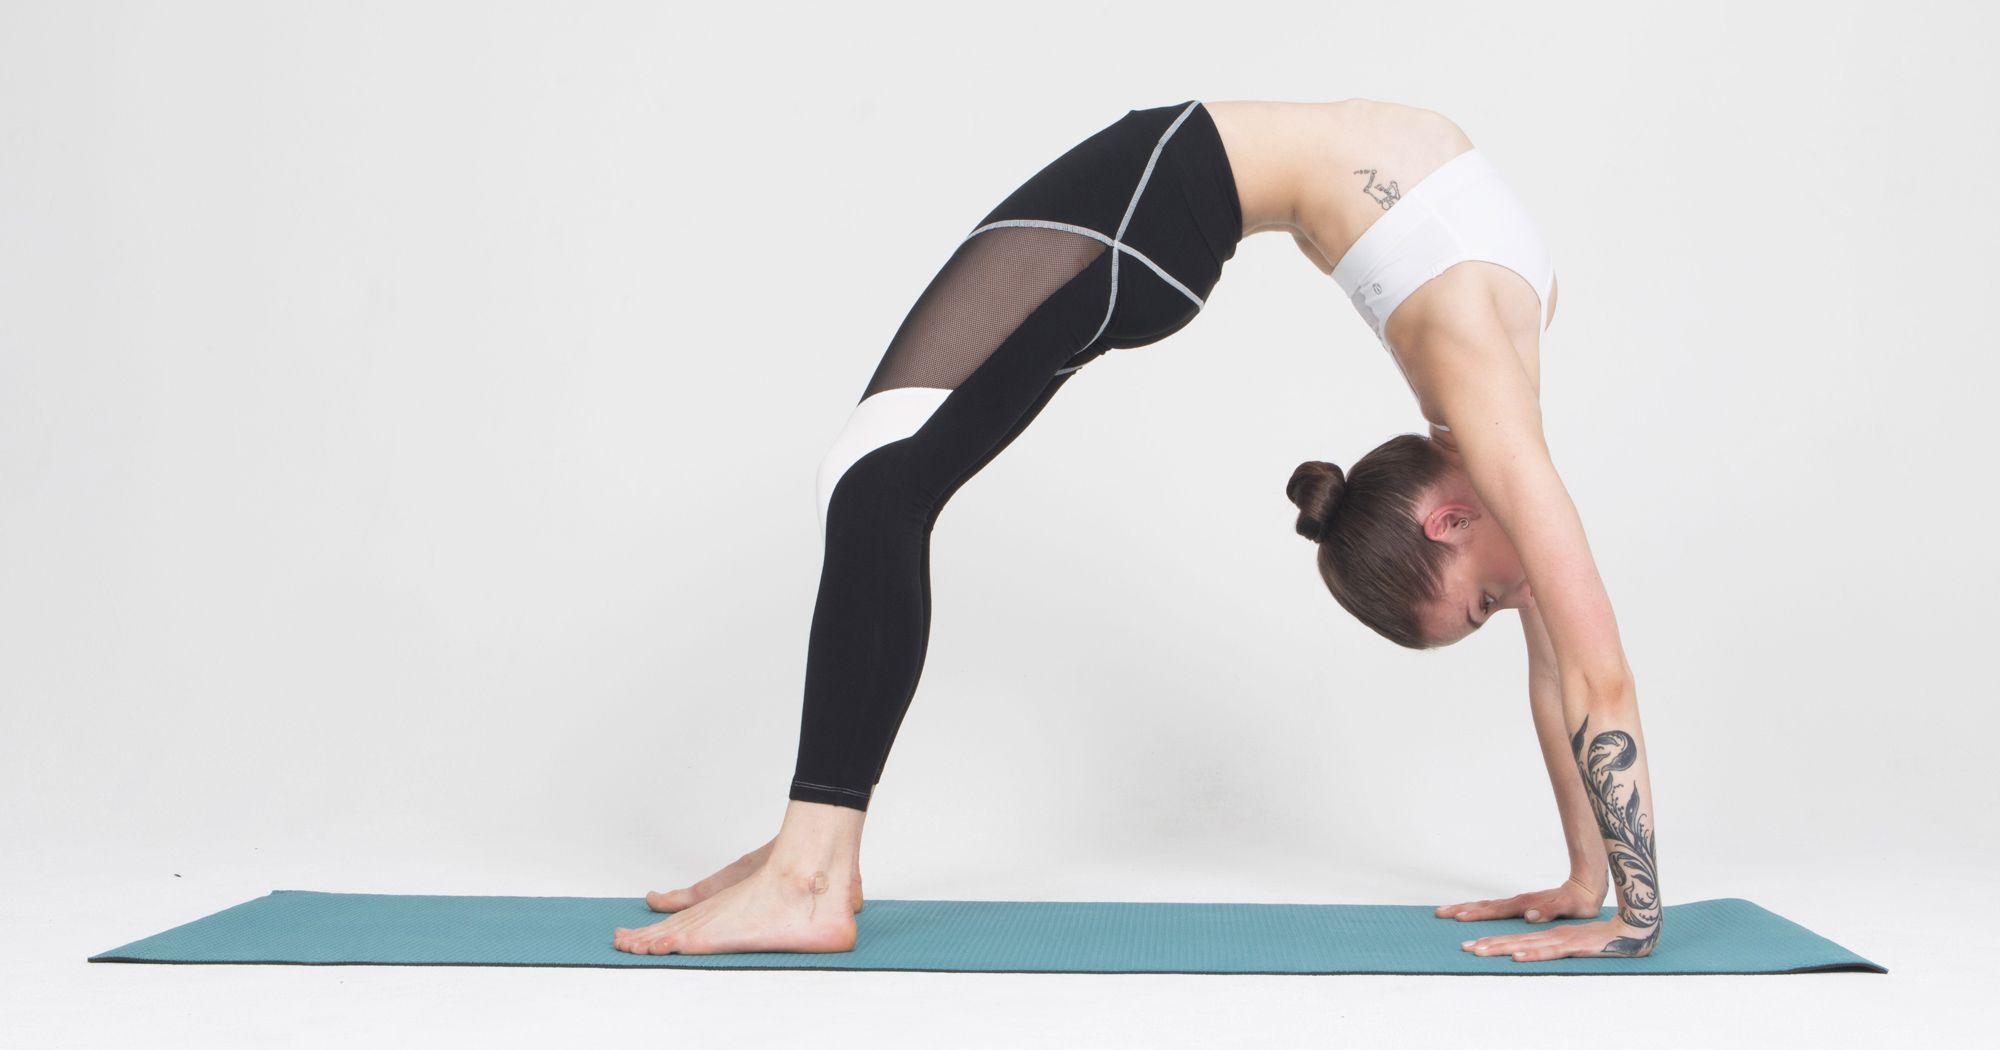 Chytré legíny, které vám pomohou ke správné jógové pozici